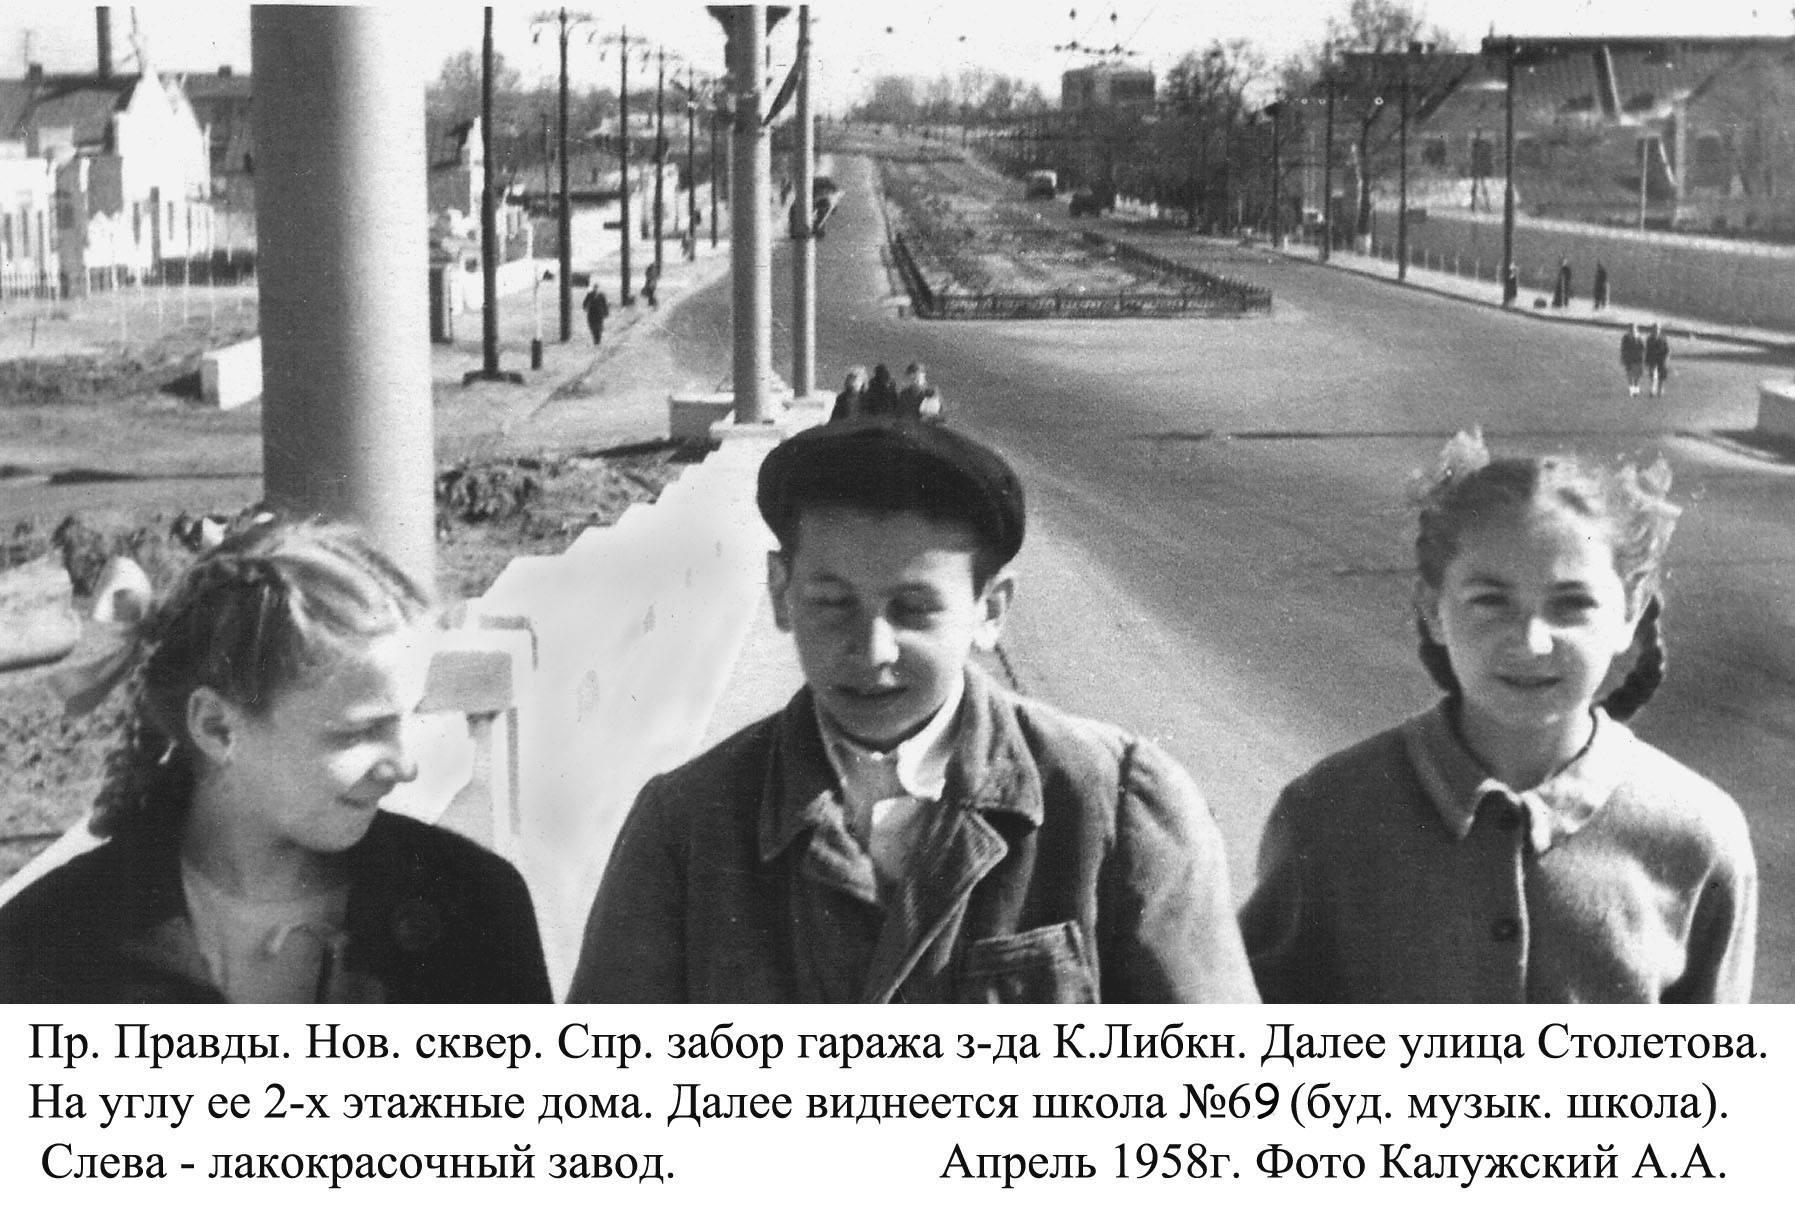 пр. правады 1958